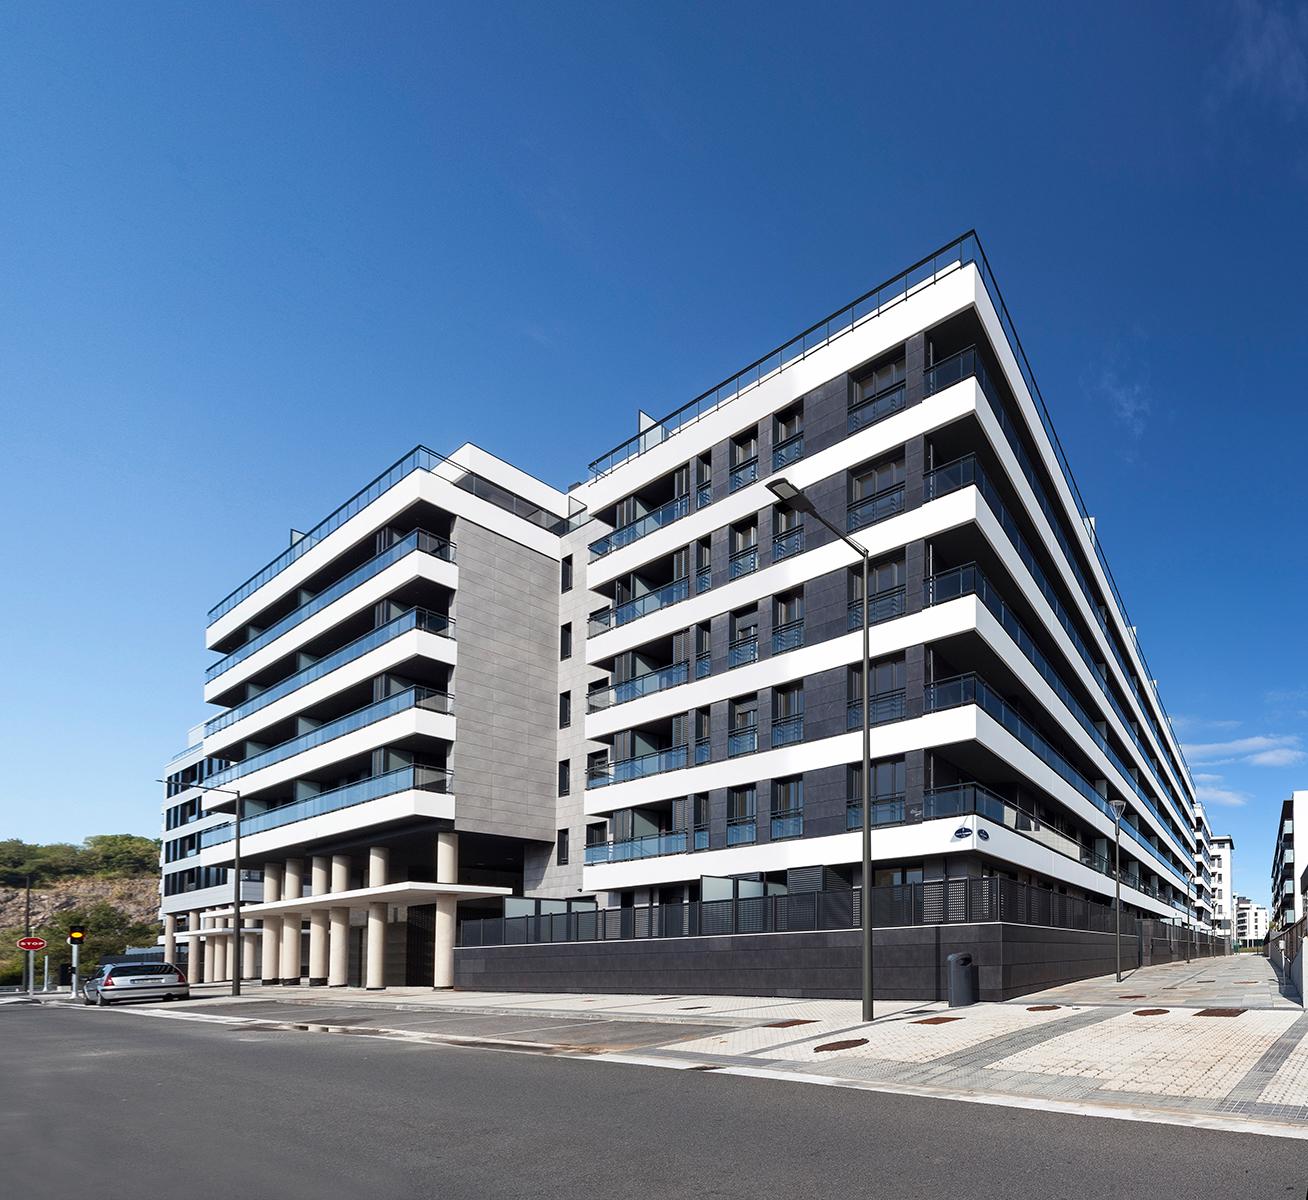 Viviendas en Txomin; Donostia-San Sebastián; Bieme arquitectura